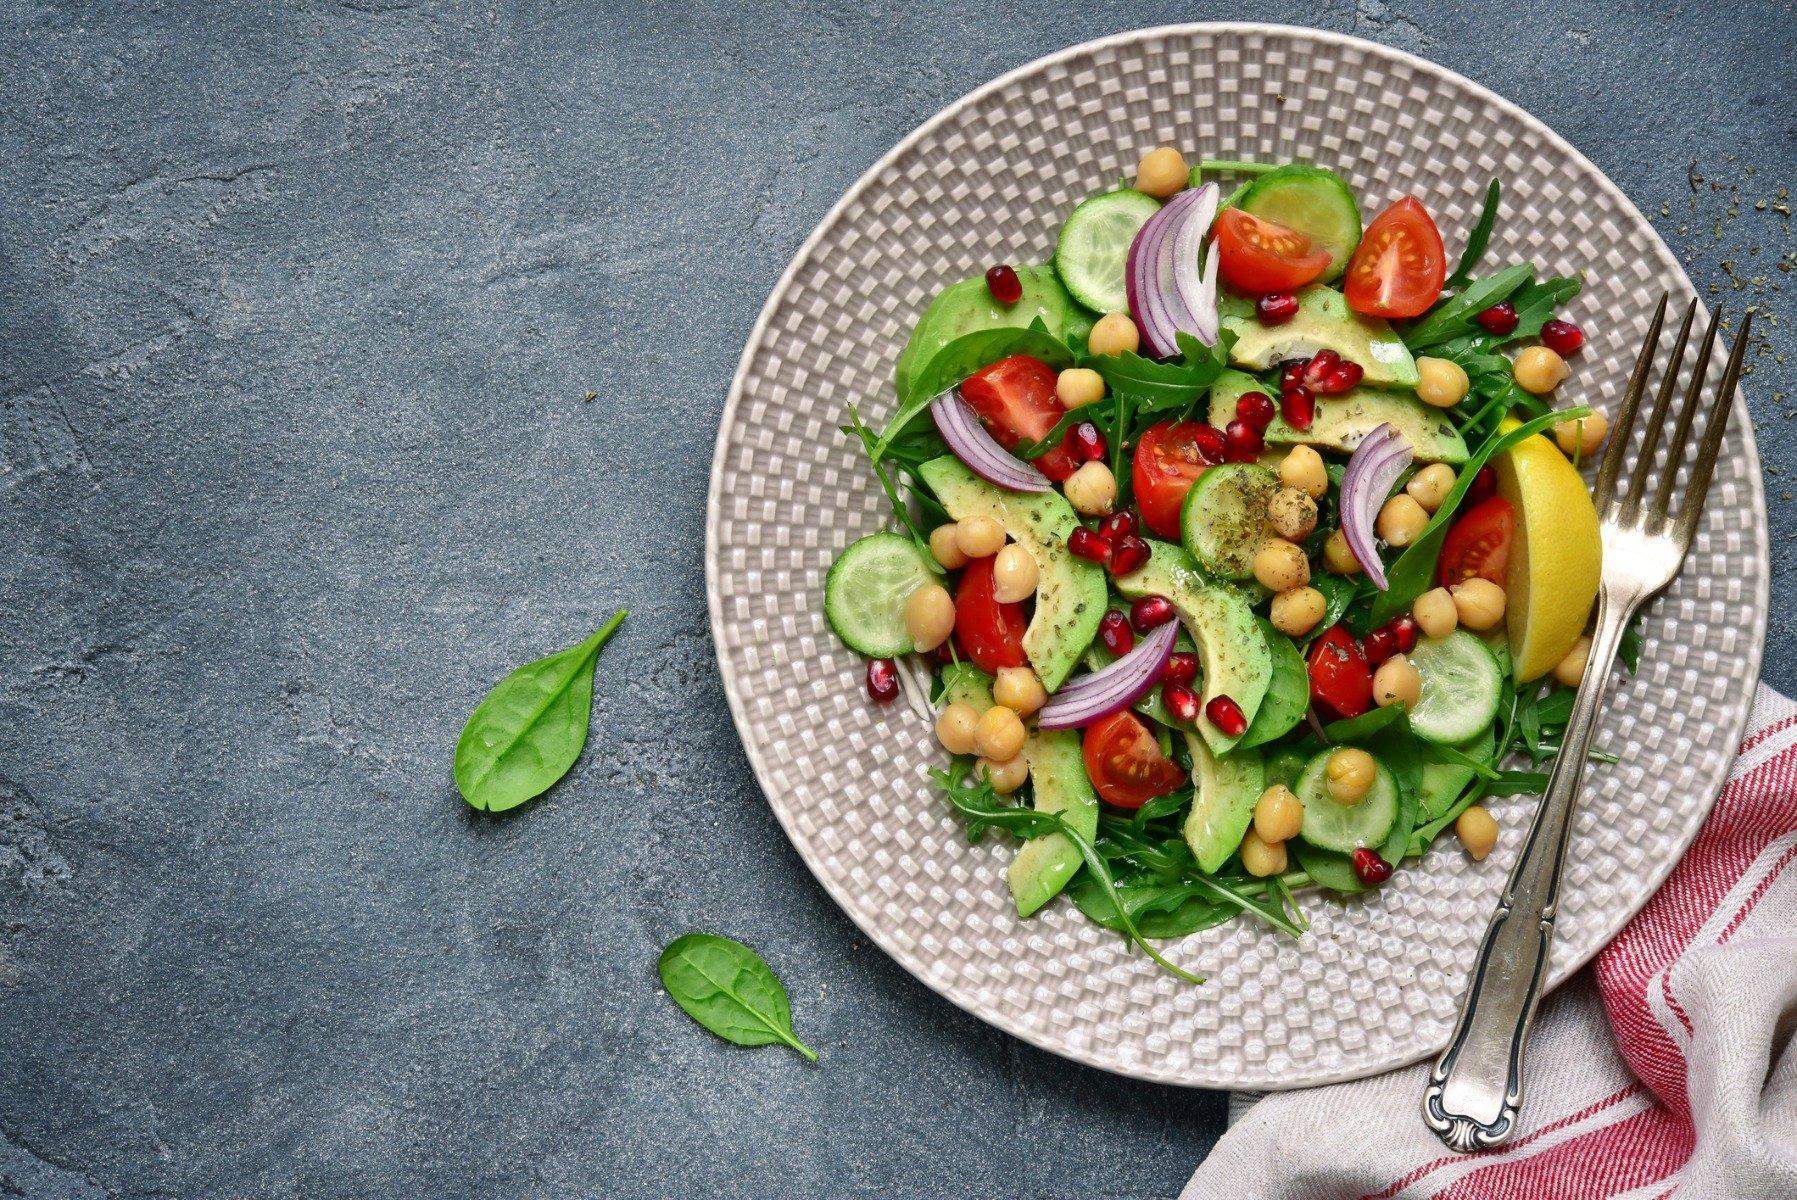 Fitness-Rezepte für 11 köstliche und gesunde Salate